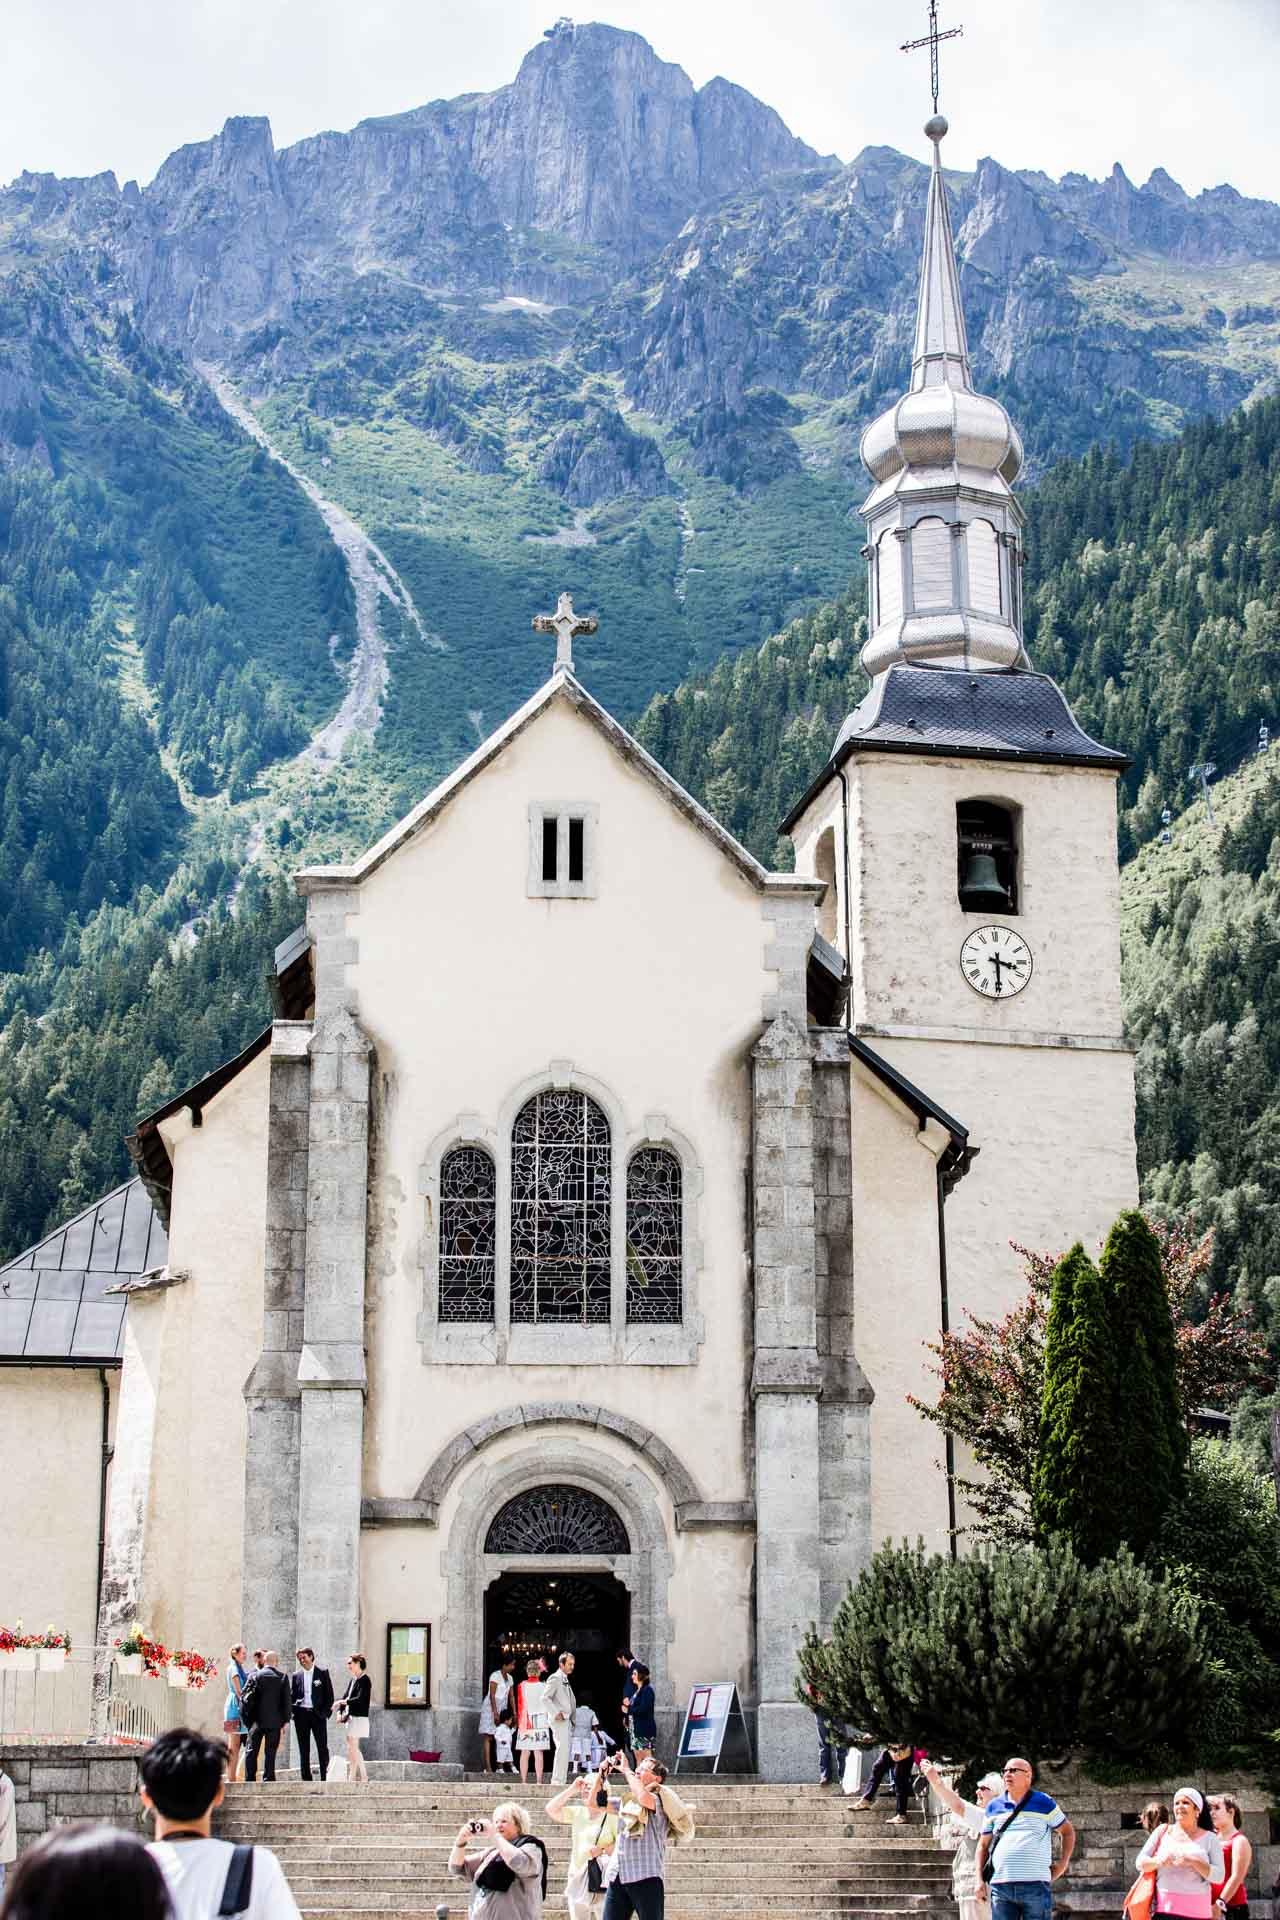 En commun Mariage a la Cabane des Praz à Chamonix - Photographe de mariage &GS_67